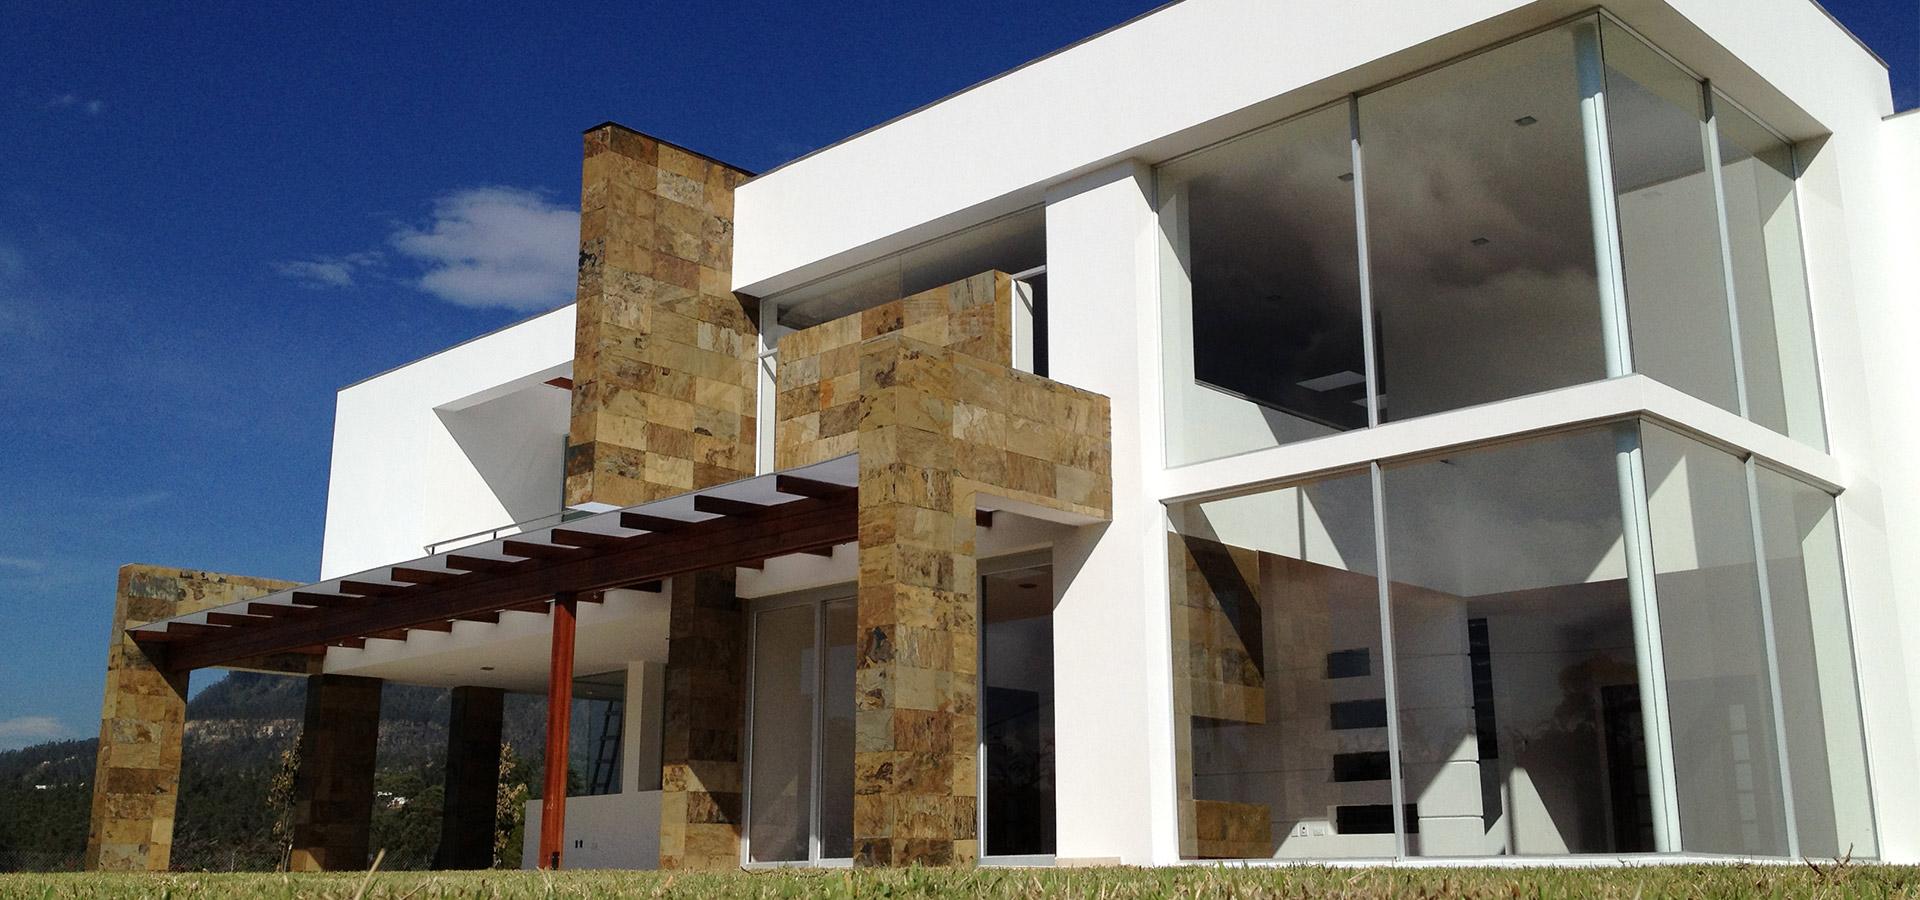 a3-arquitectos-quito-ecuador-s1